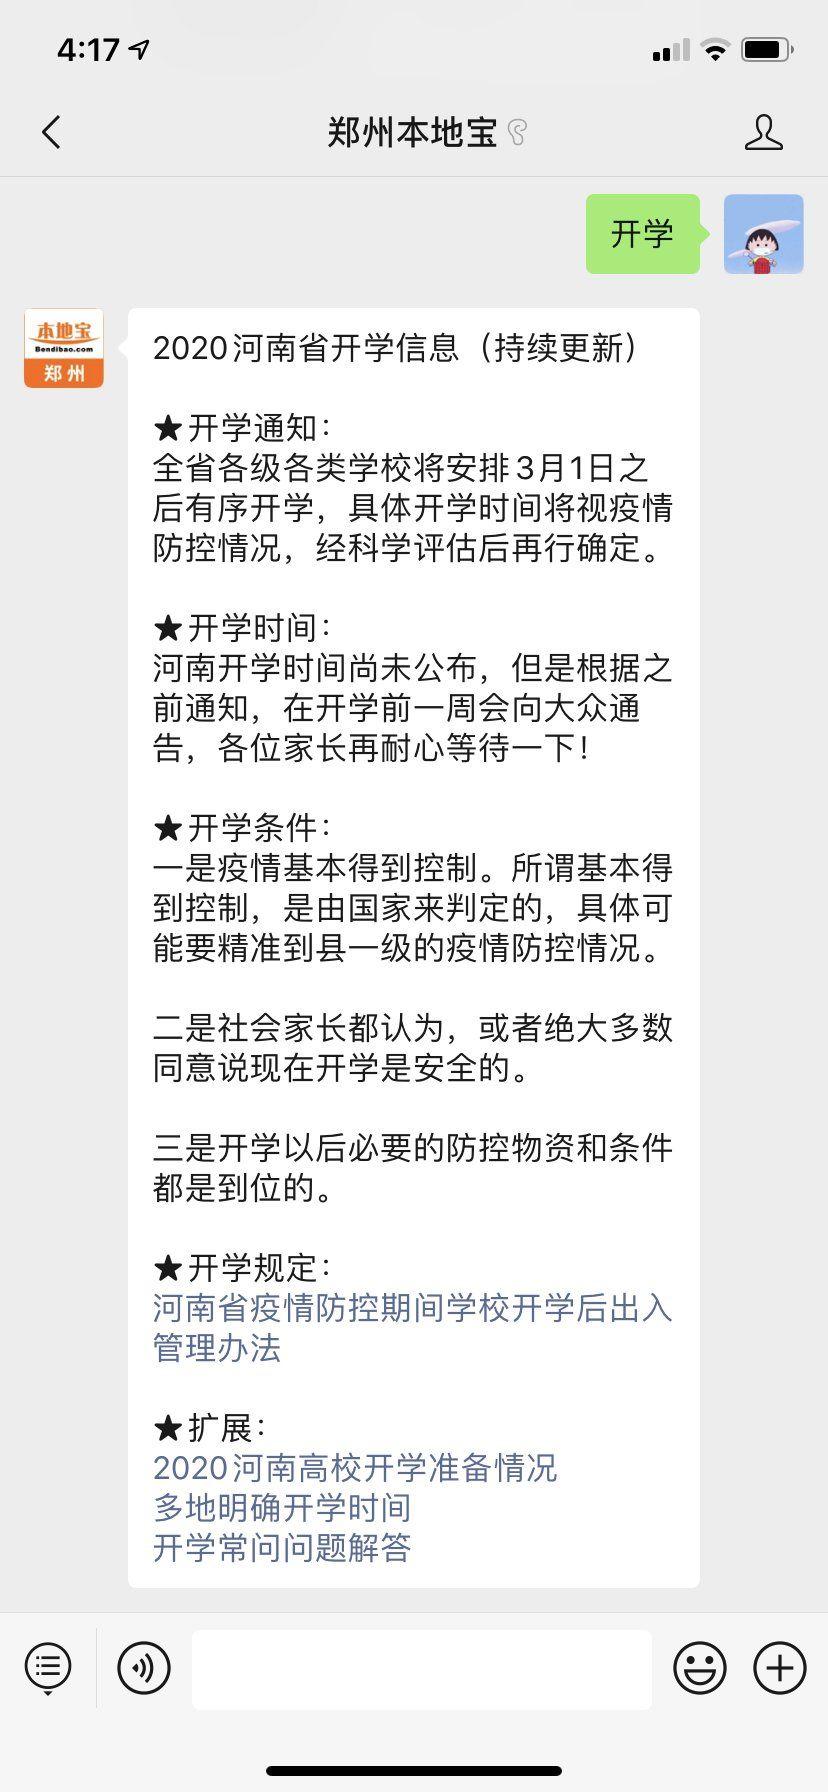 2020河南省延迟开学 具体开学时间暂时未知